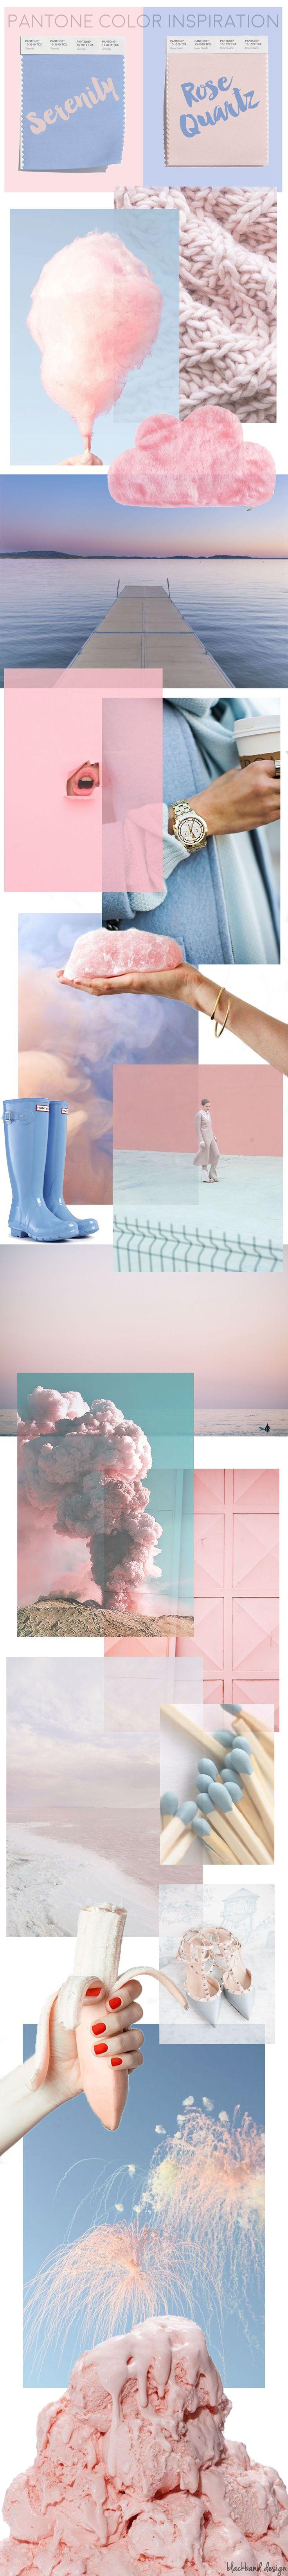 best 20 pantone color ideas on pinterest pantone chart pantone